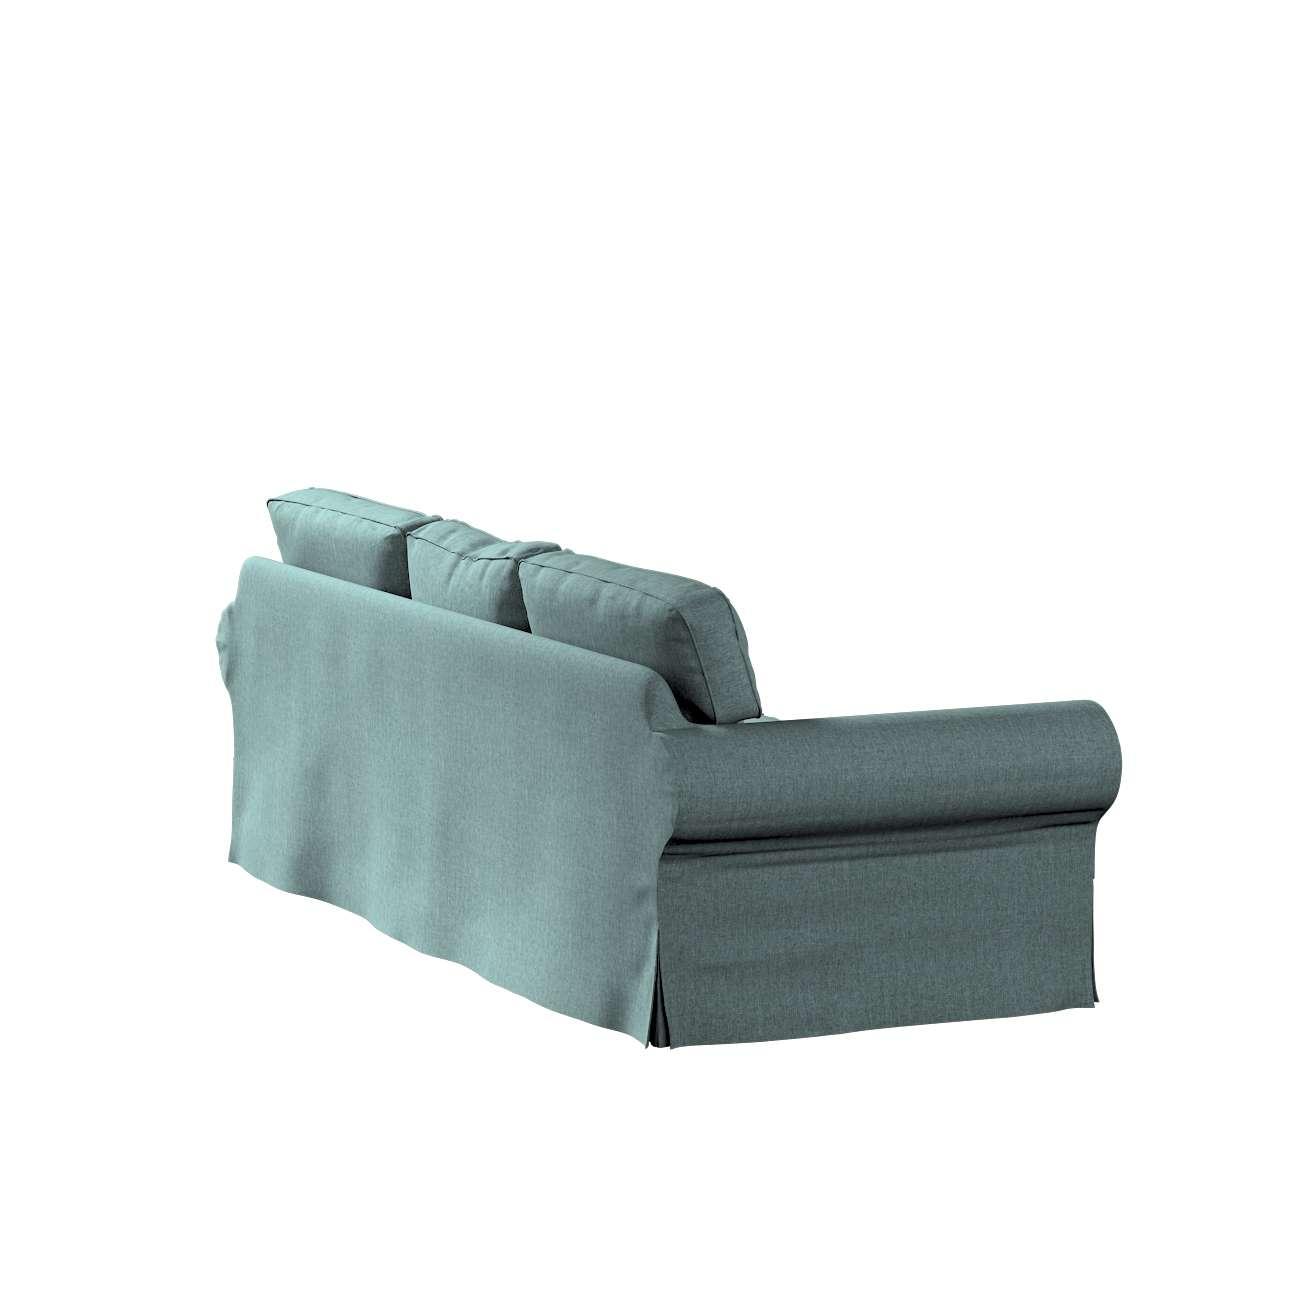 Pokrowiec na sofę Ektorp 3-osobową, rozkładaną, PIXBO w kolekcji City, tkanina: 704-85